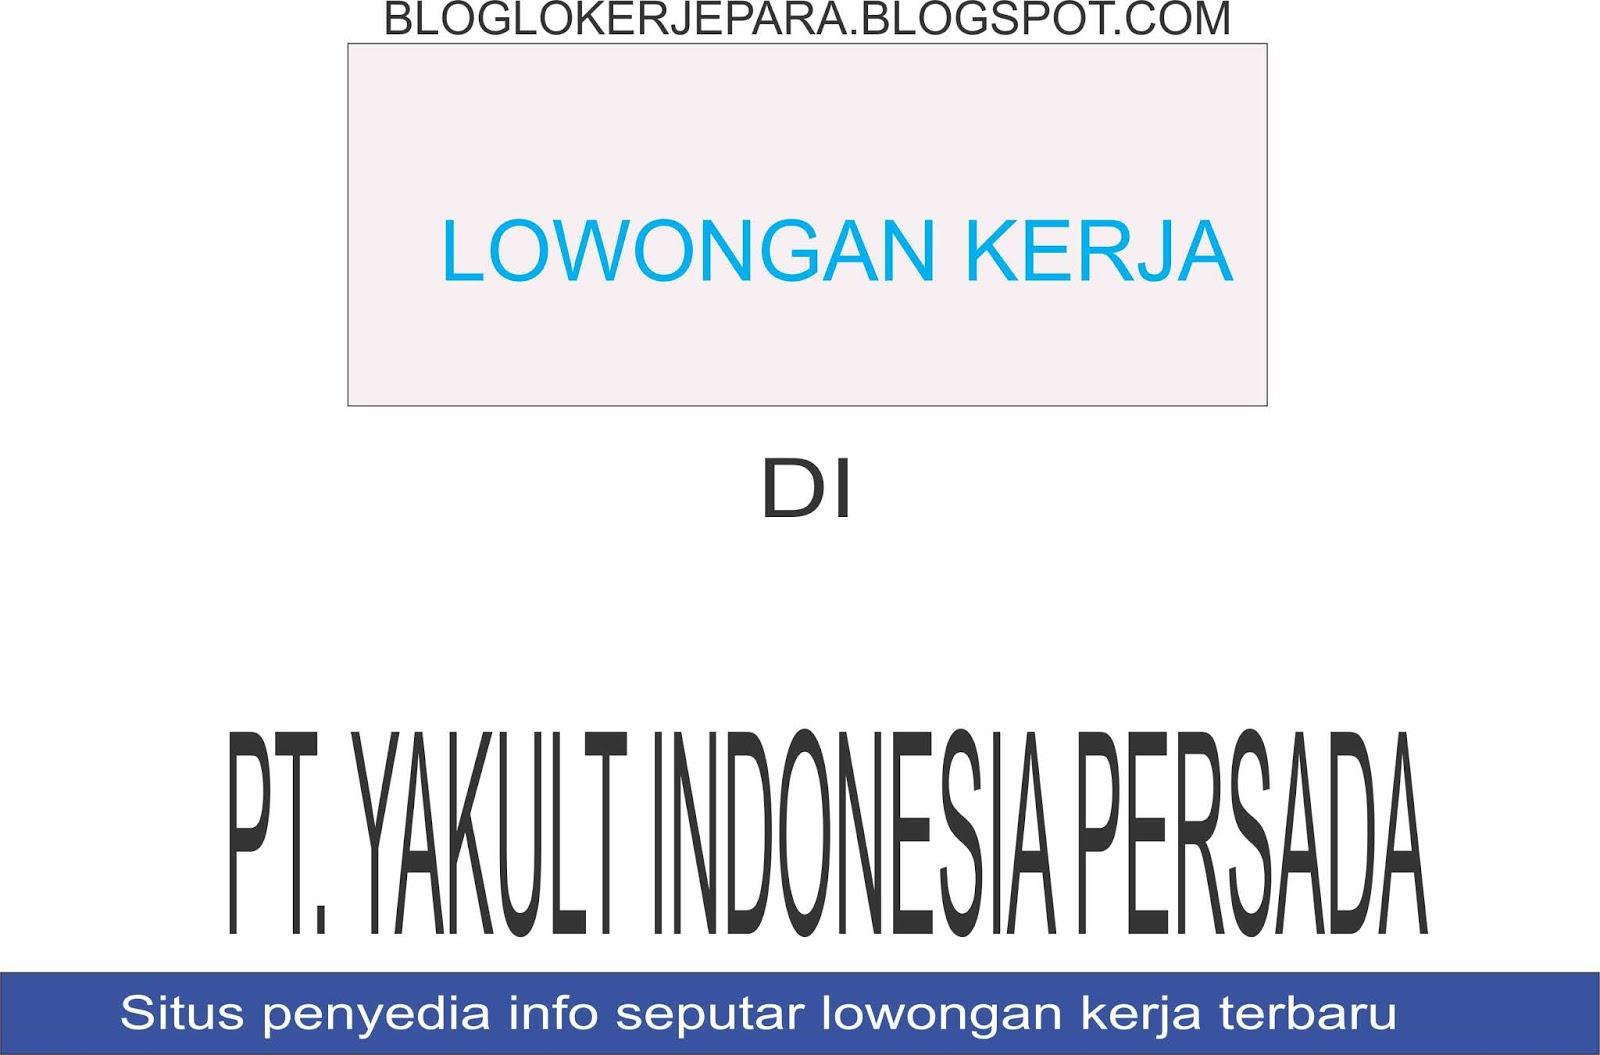 Lowongan Kerja Mojokerto Pt Yakult Indonesia Persada Blog Loker Terbaru